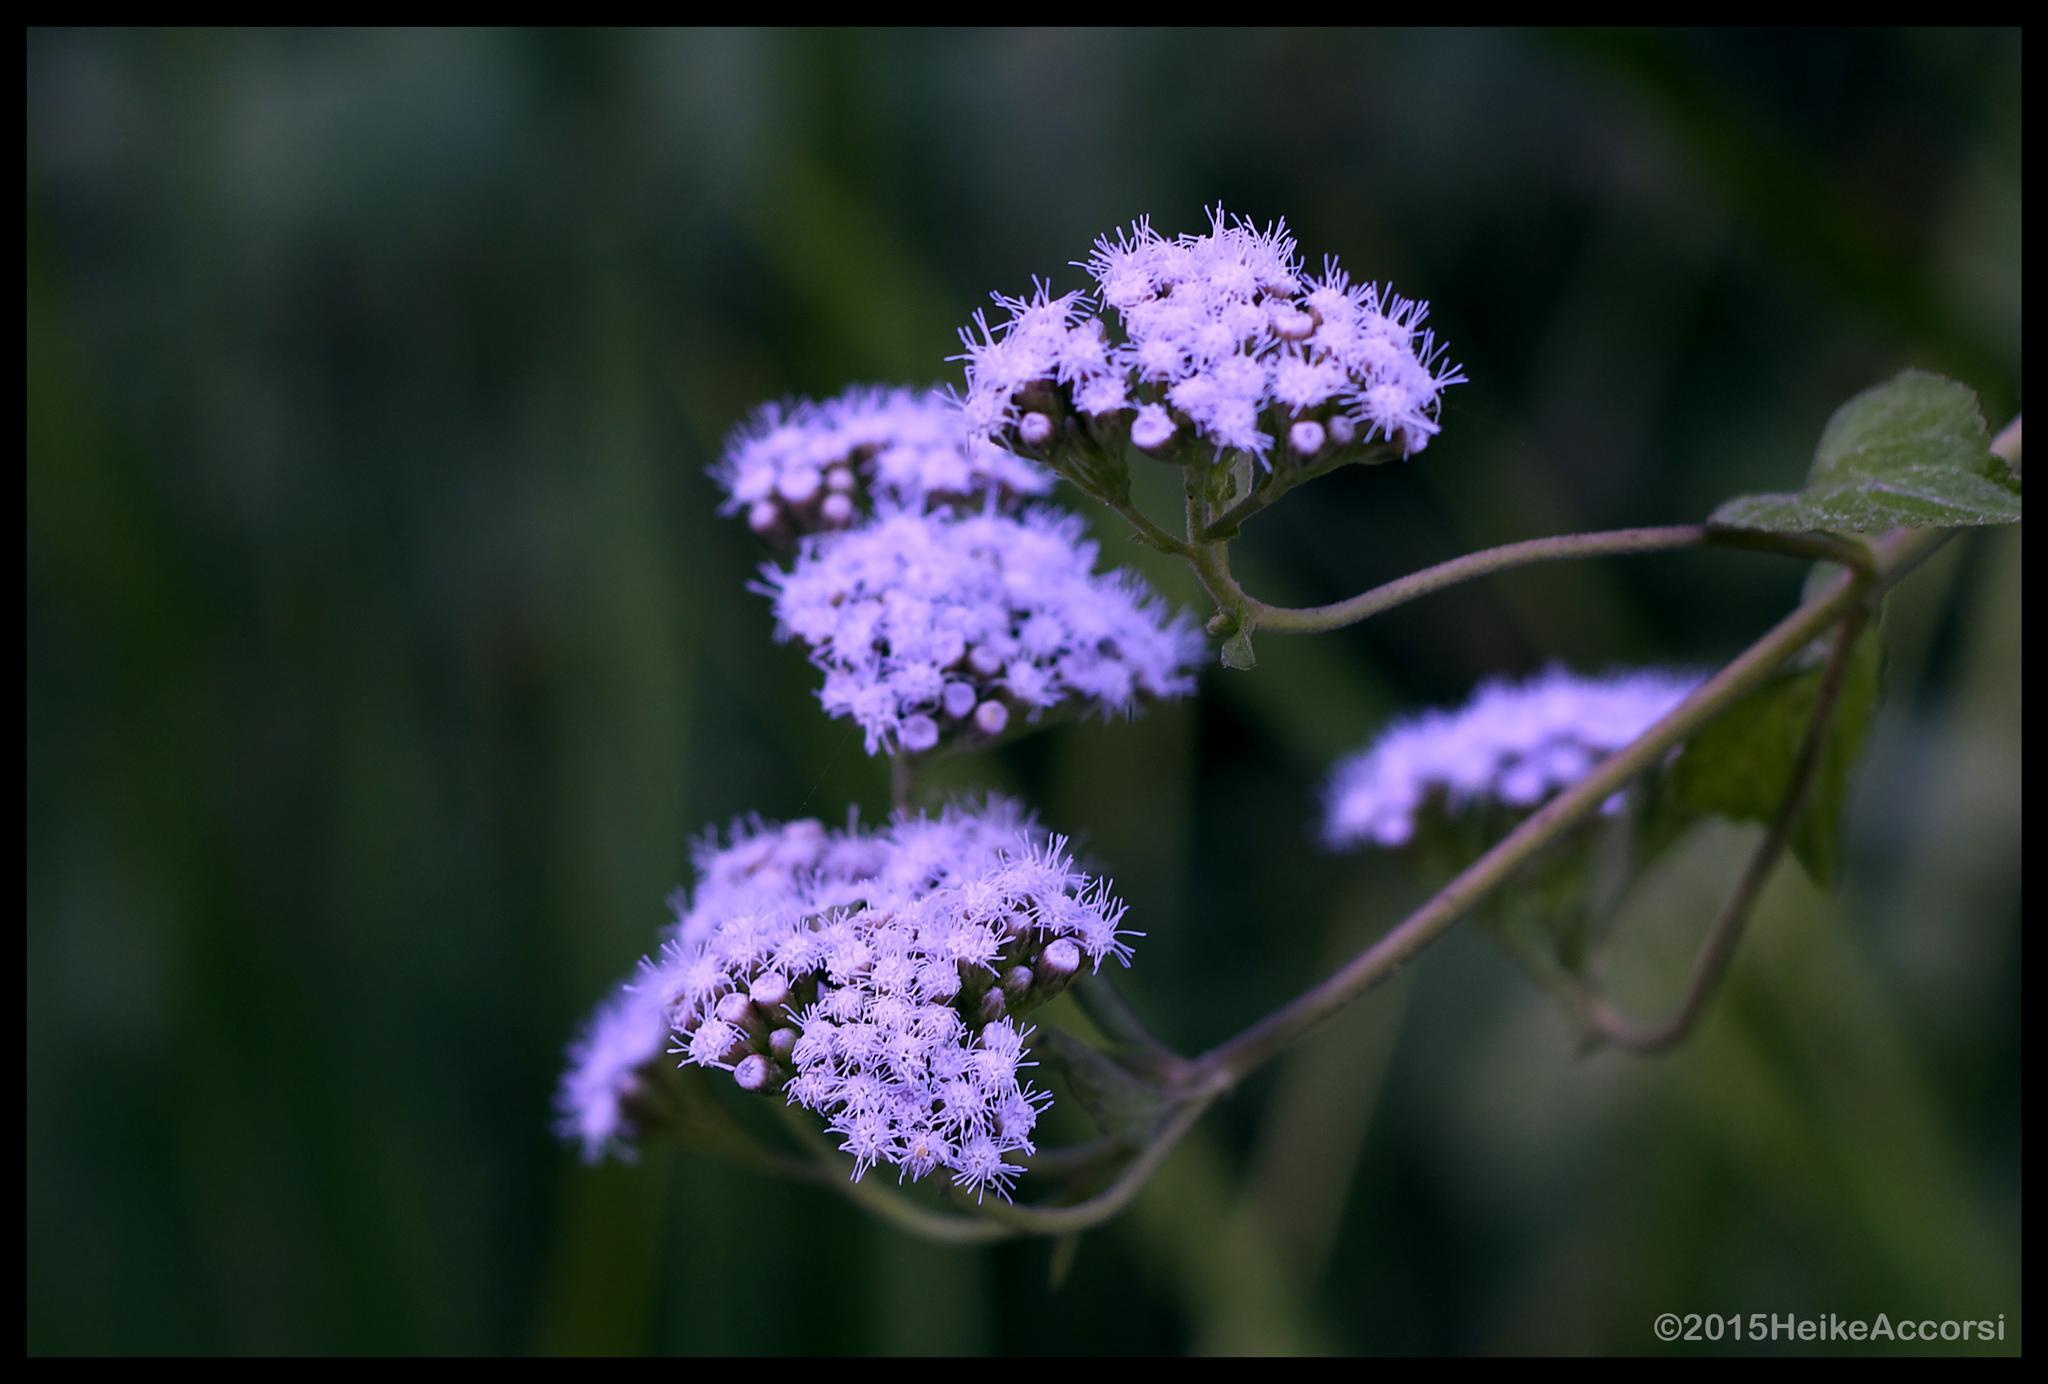 Fuzzy & Purple by Heike Accorsi